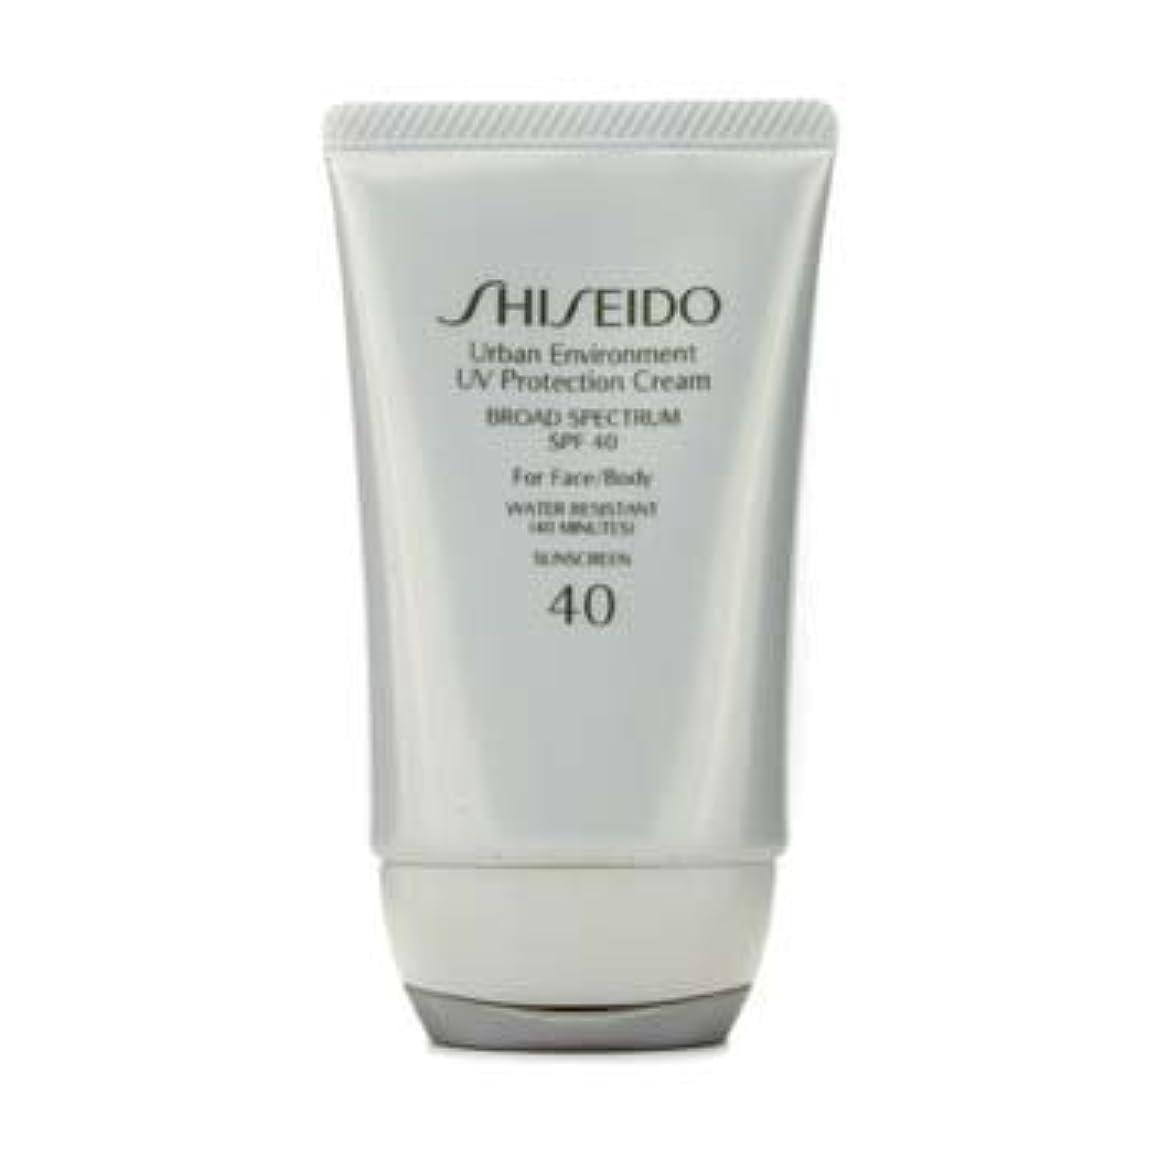 権限流用する柔らかいShiseido Urban Environment UV Protection Cream SPF 40 (For Face & Body) - 50ml/1.9oz by Shiseido [並行輸入品]